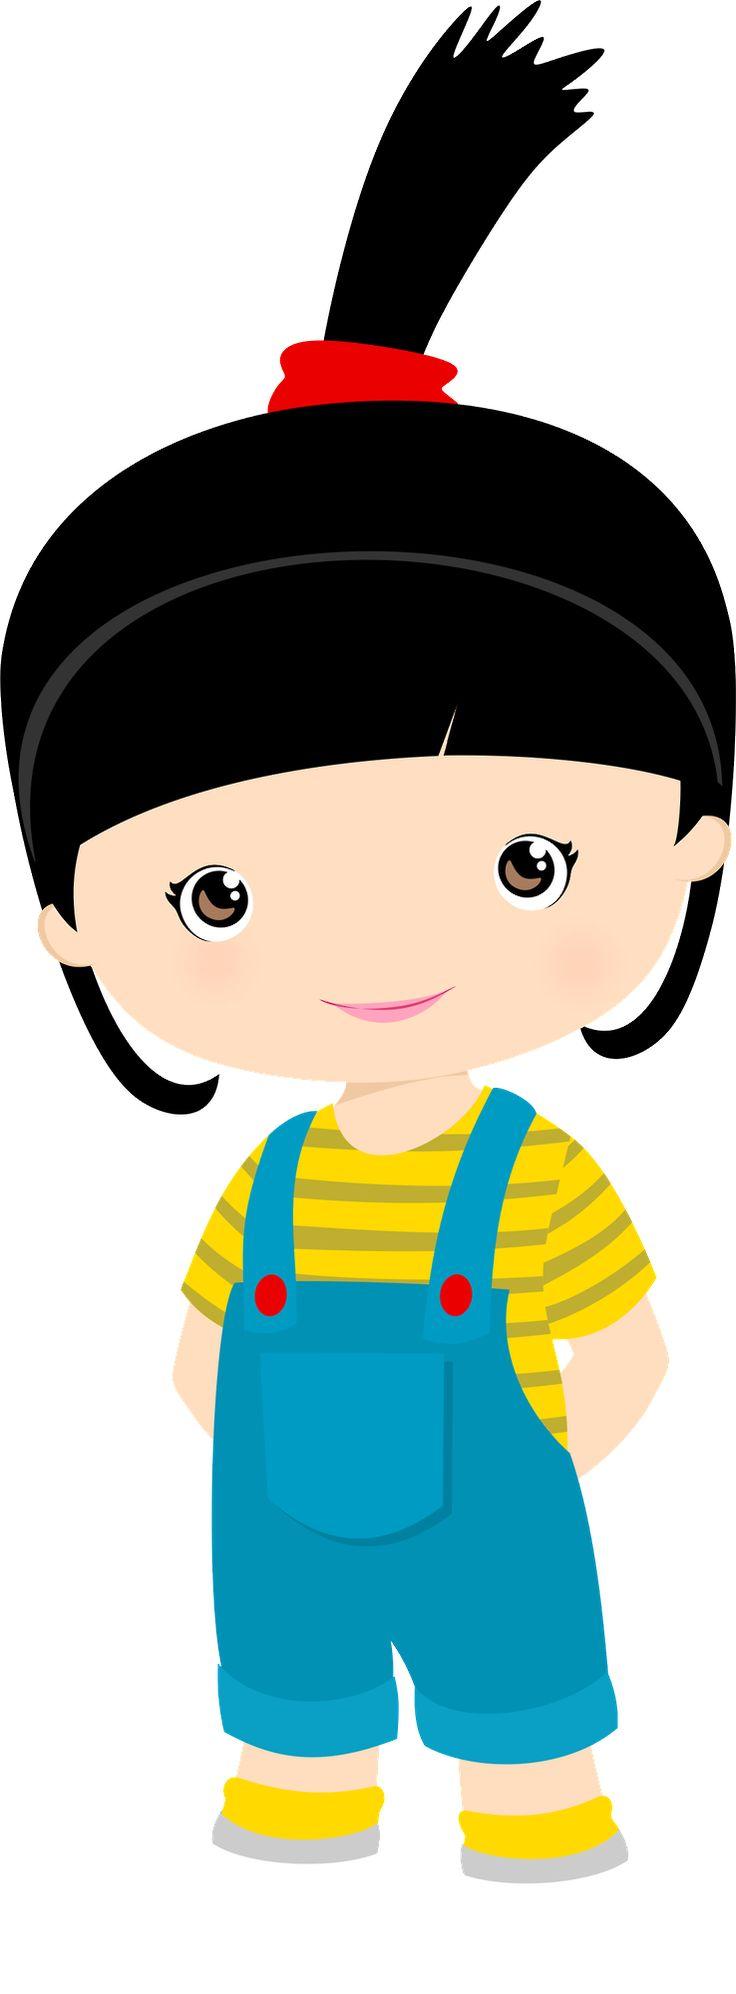 Agnes Meu malvado favorito